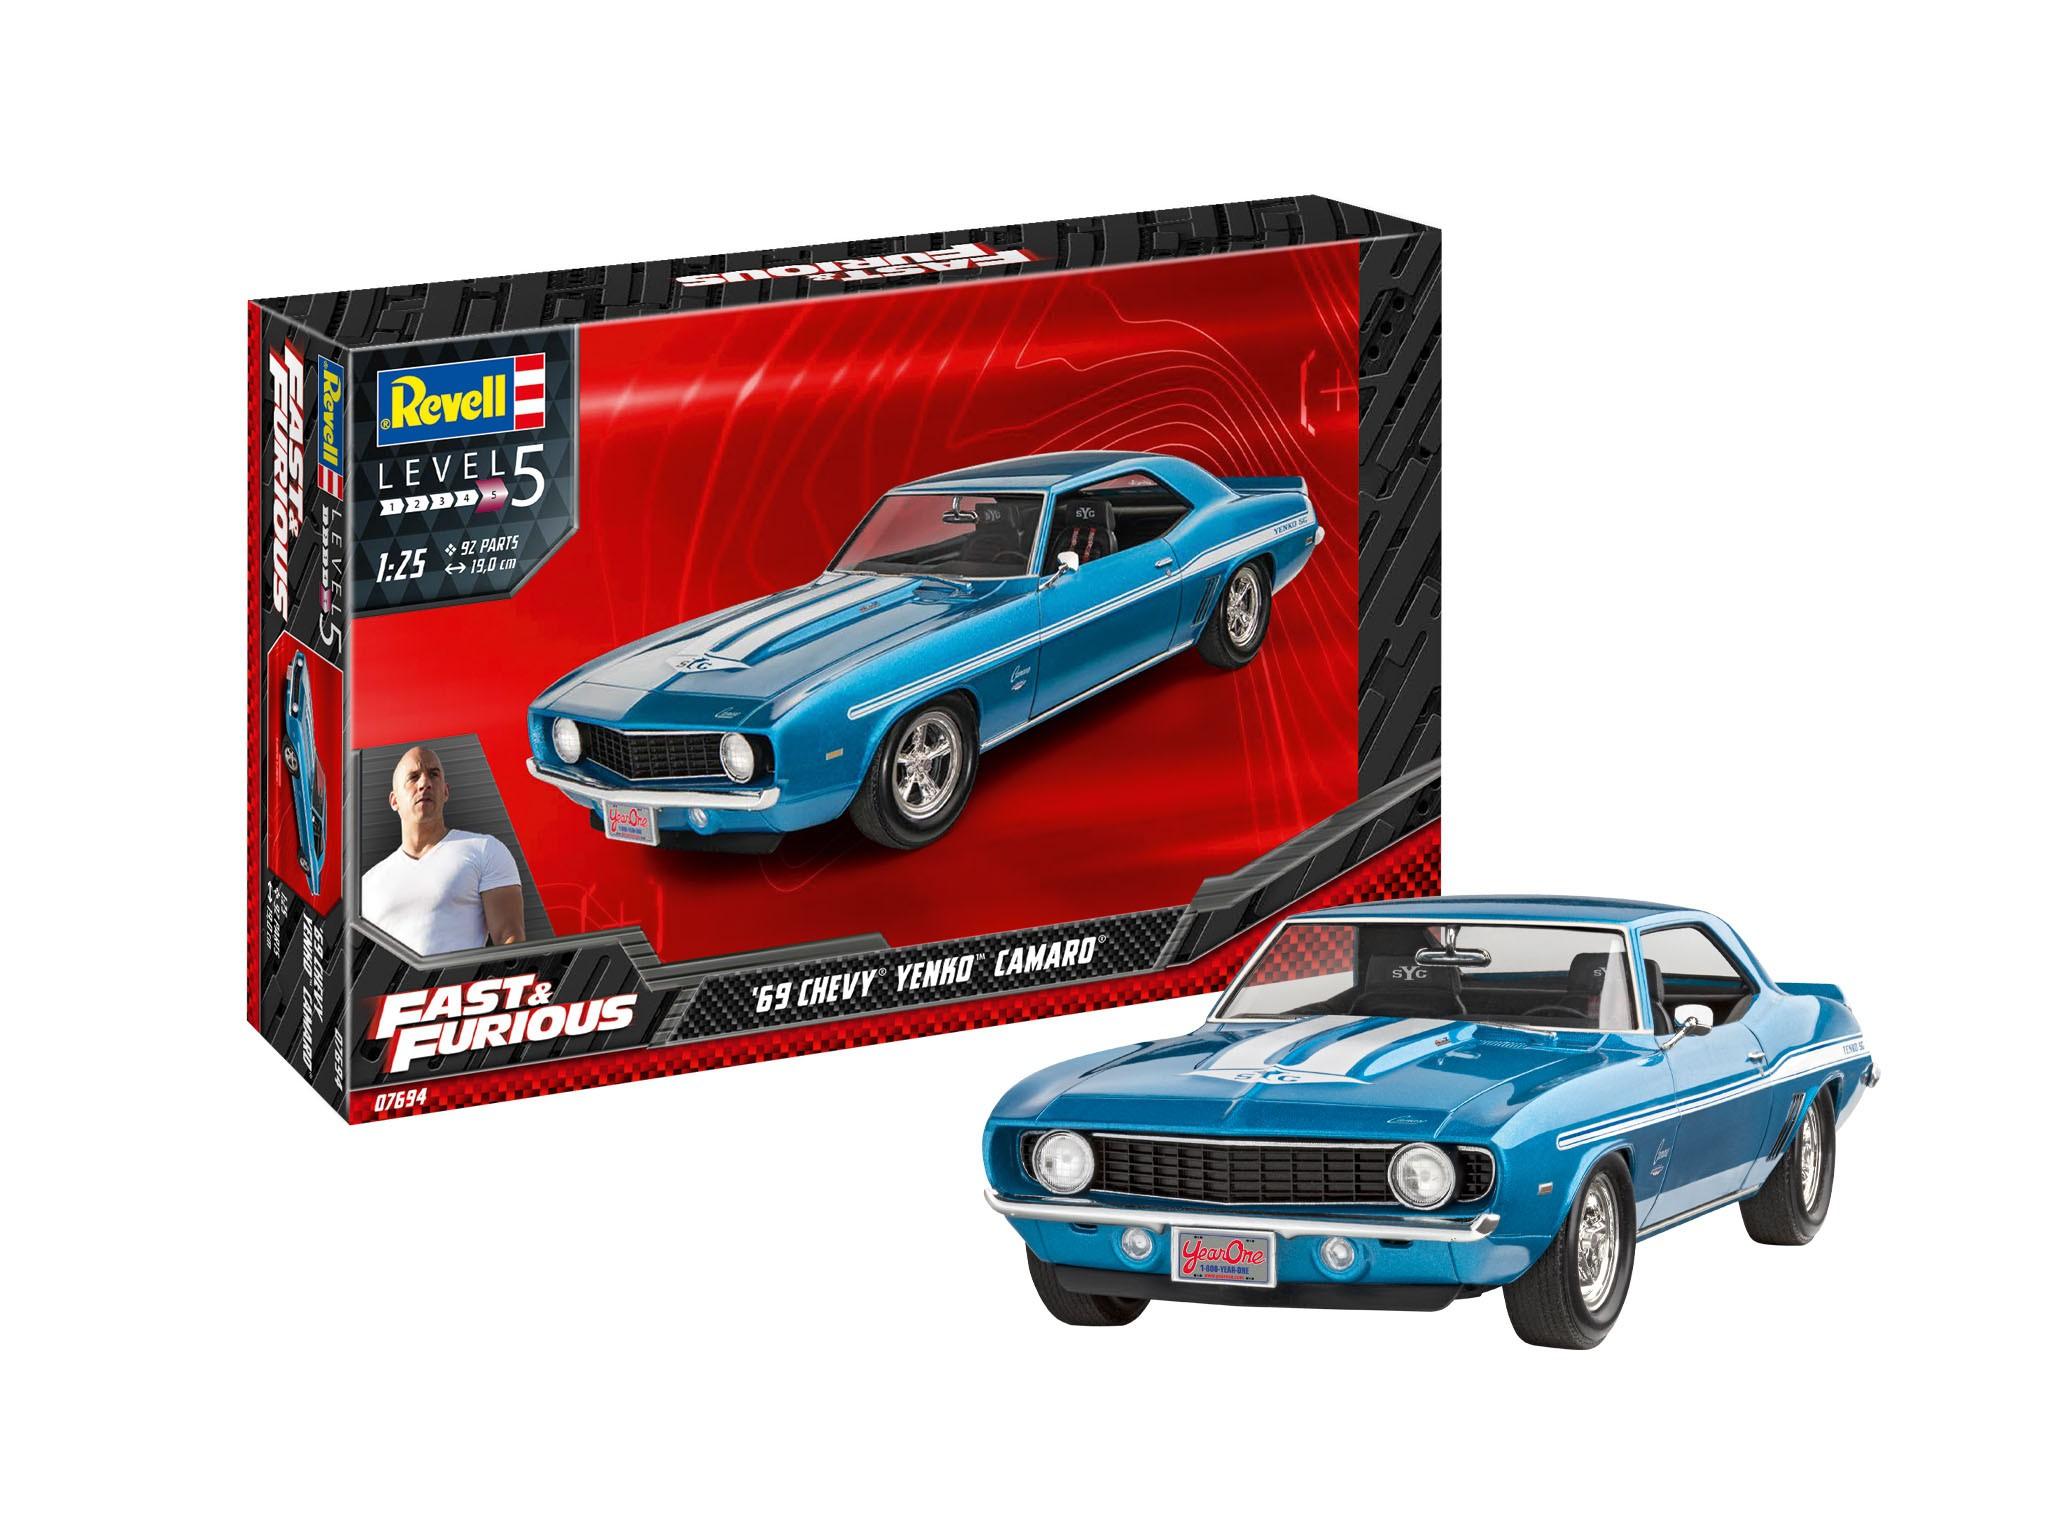 Fast and Furious: 1969 Chevy Camaro Yenko